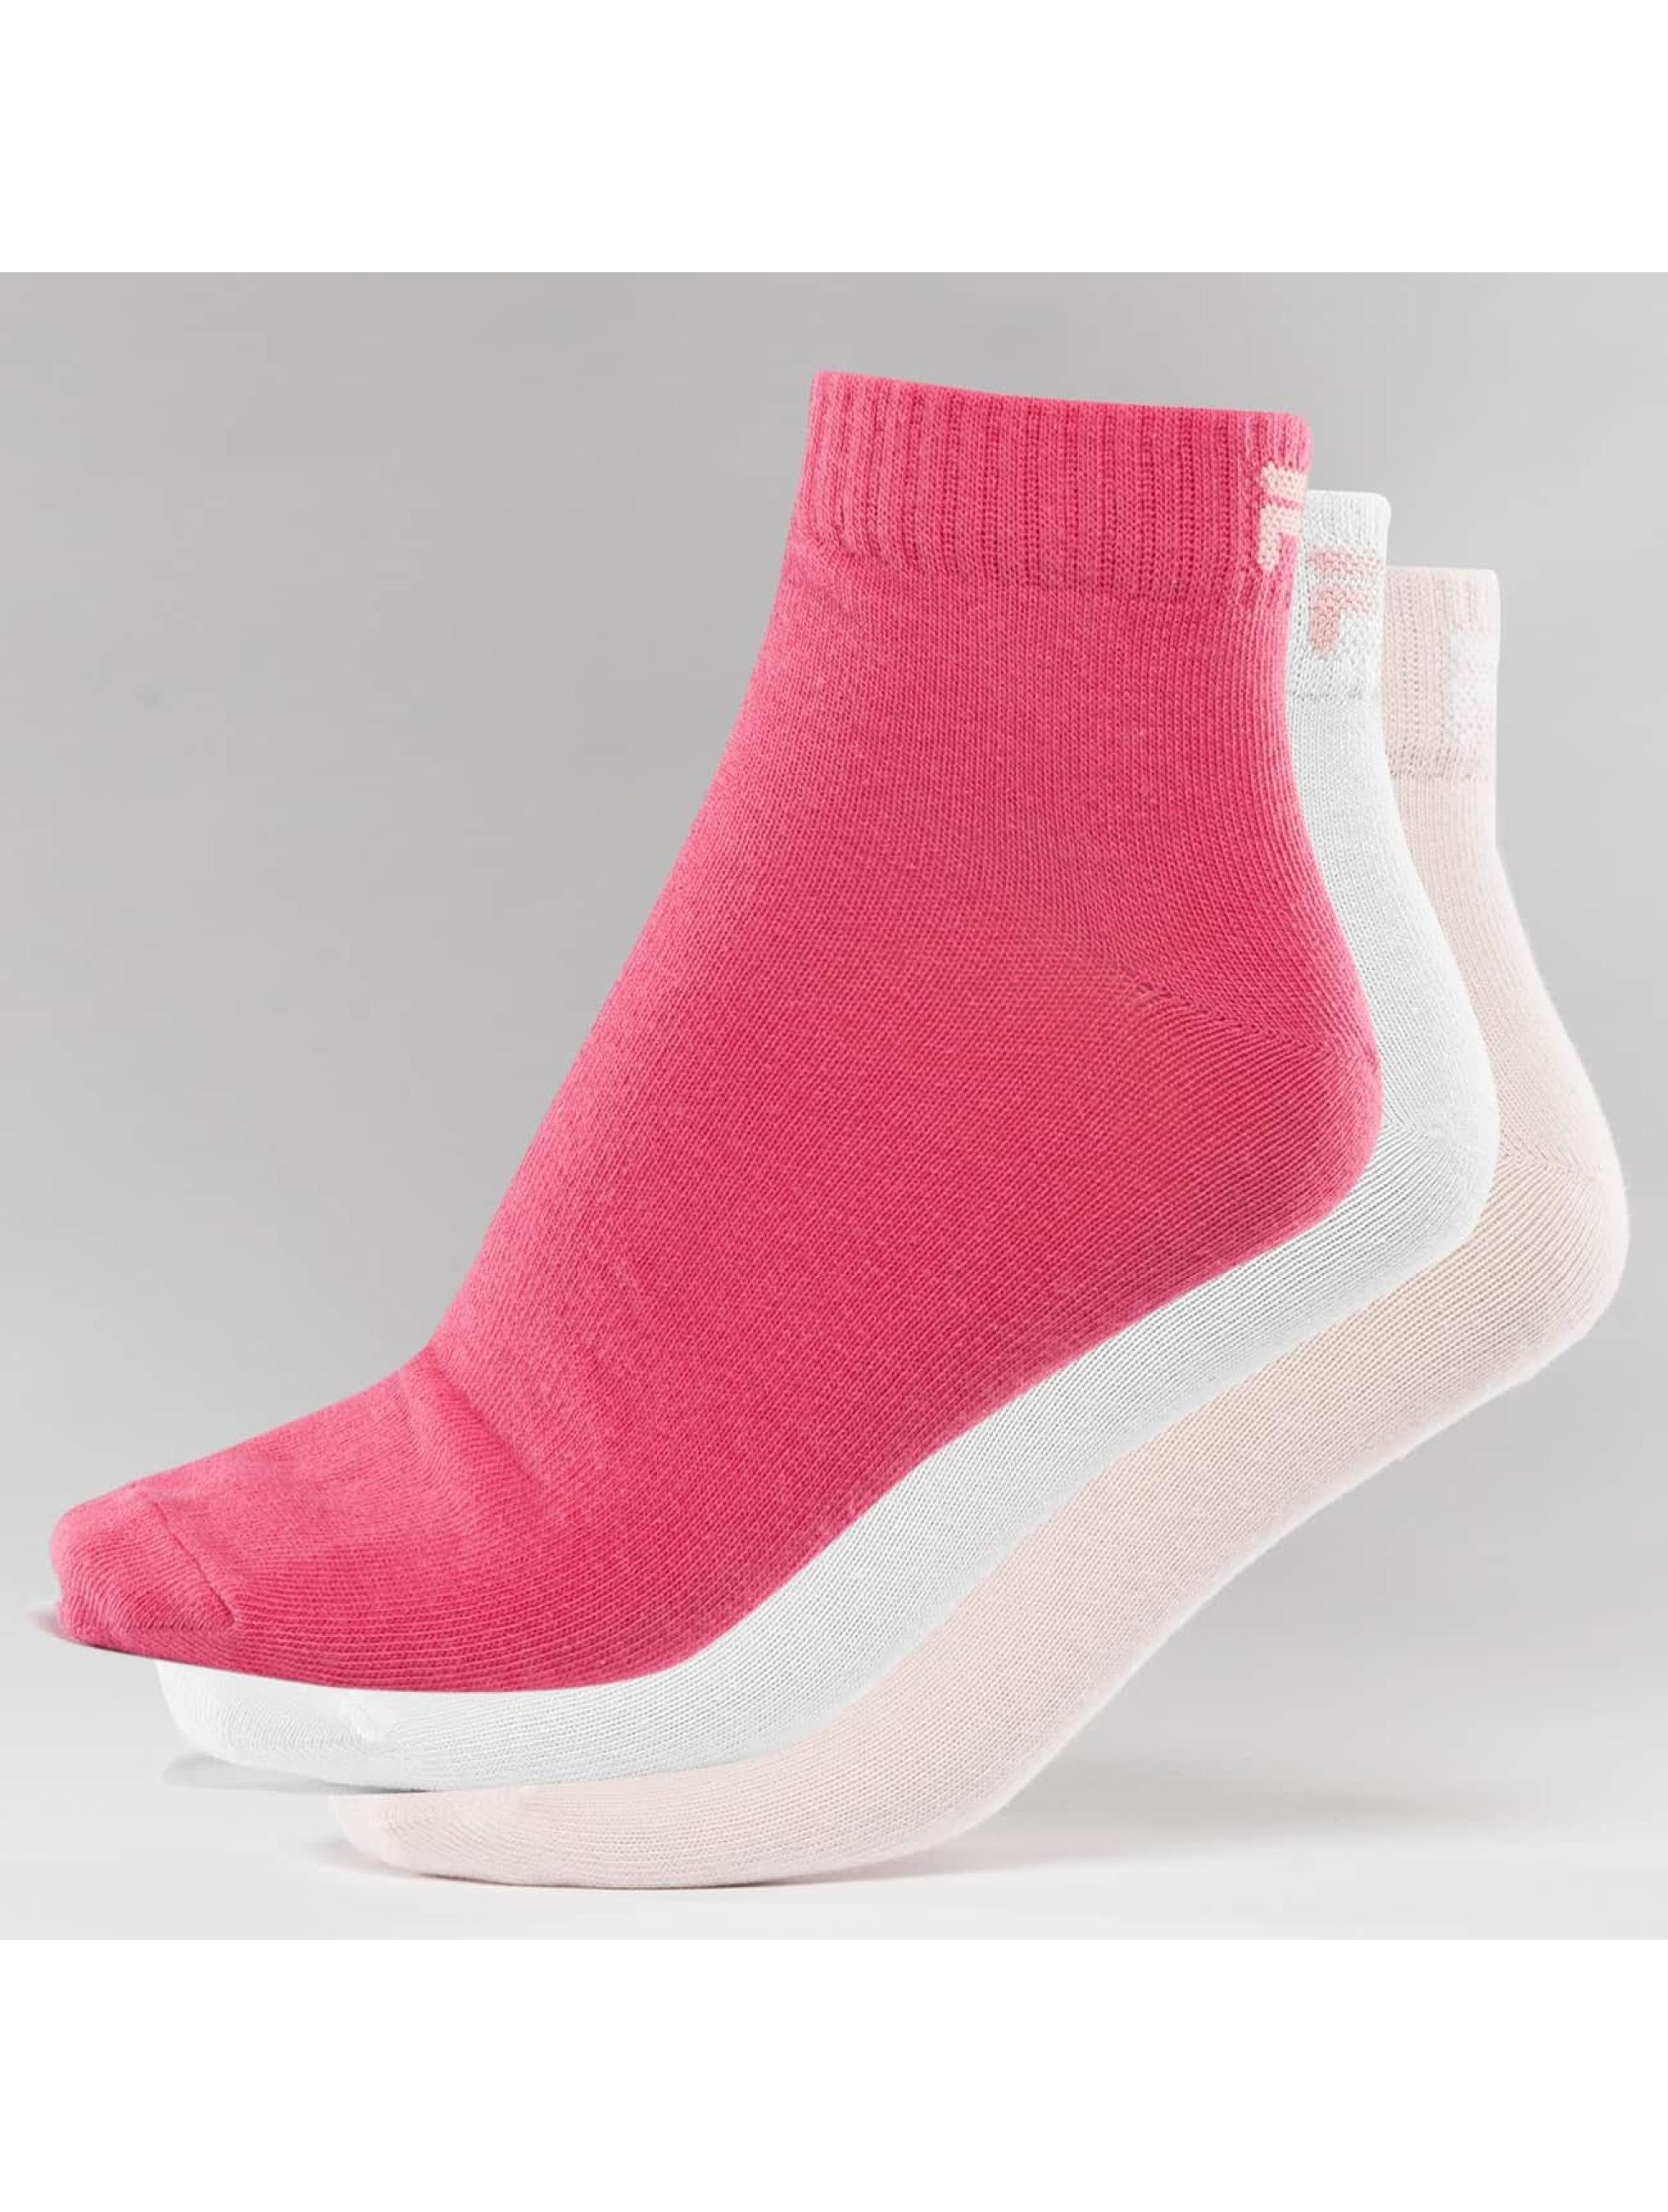 FILA Ponožky 3-Pack pink